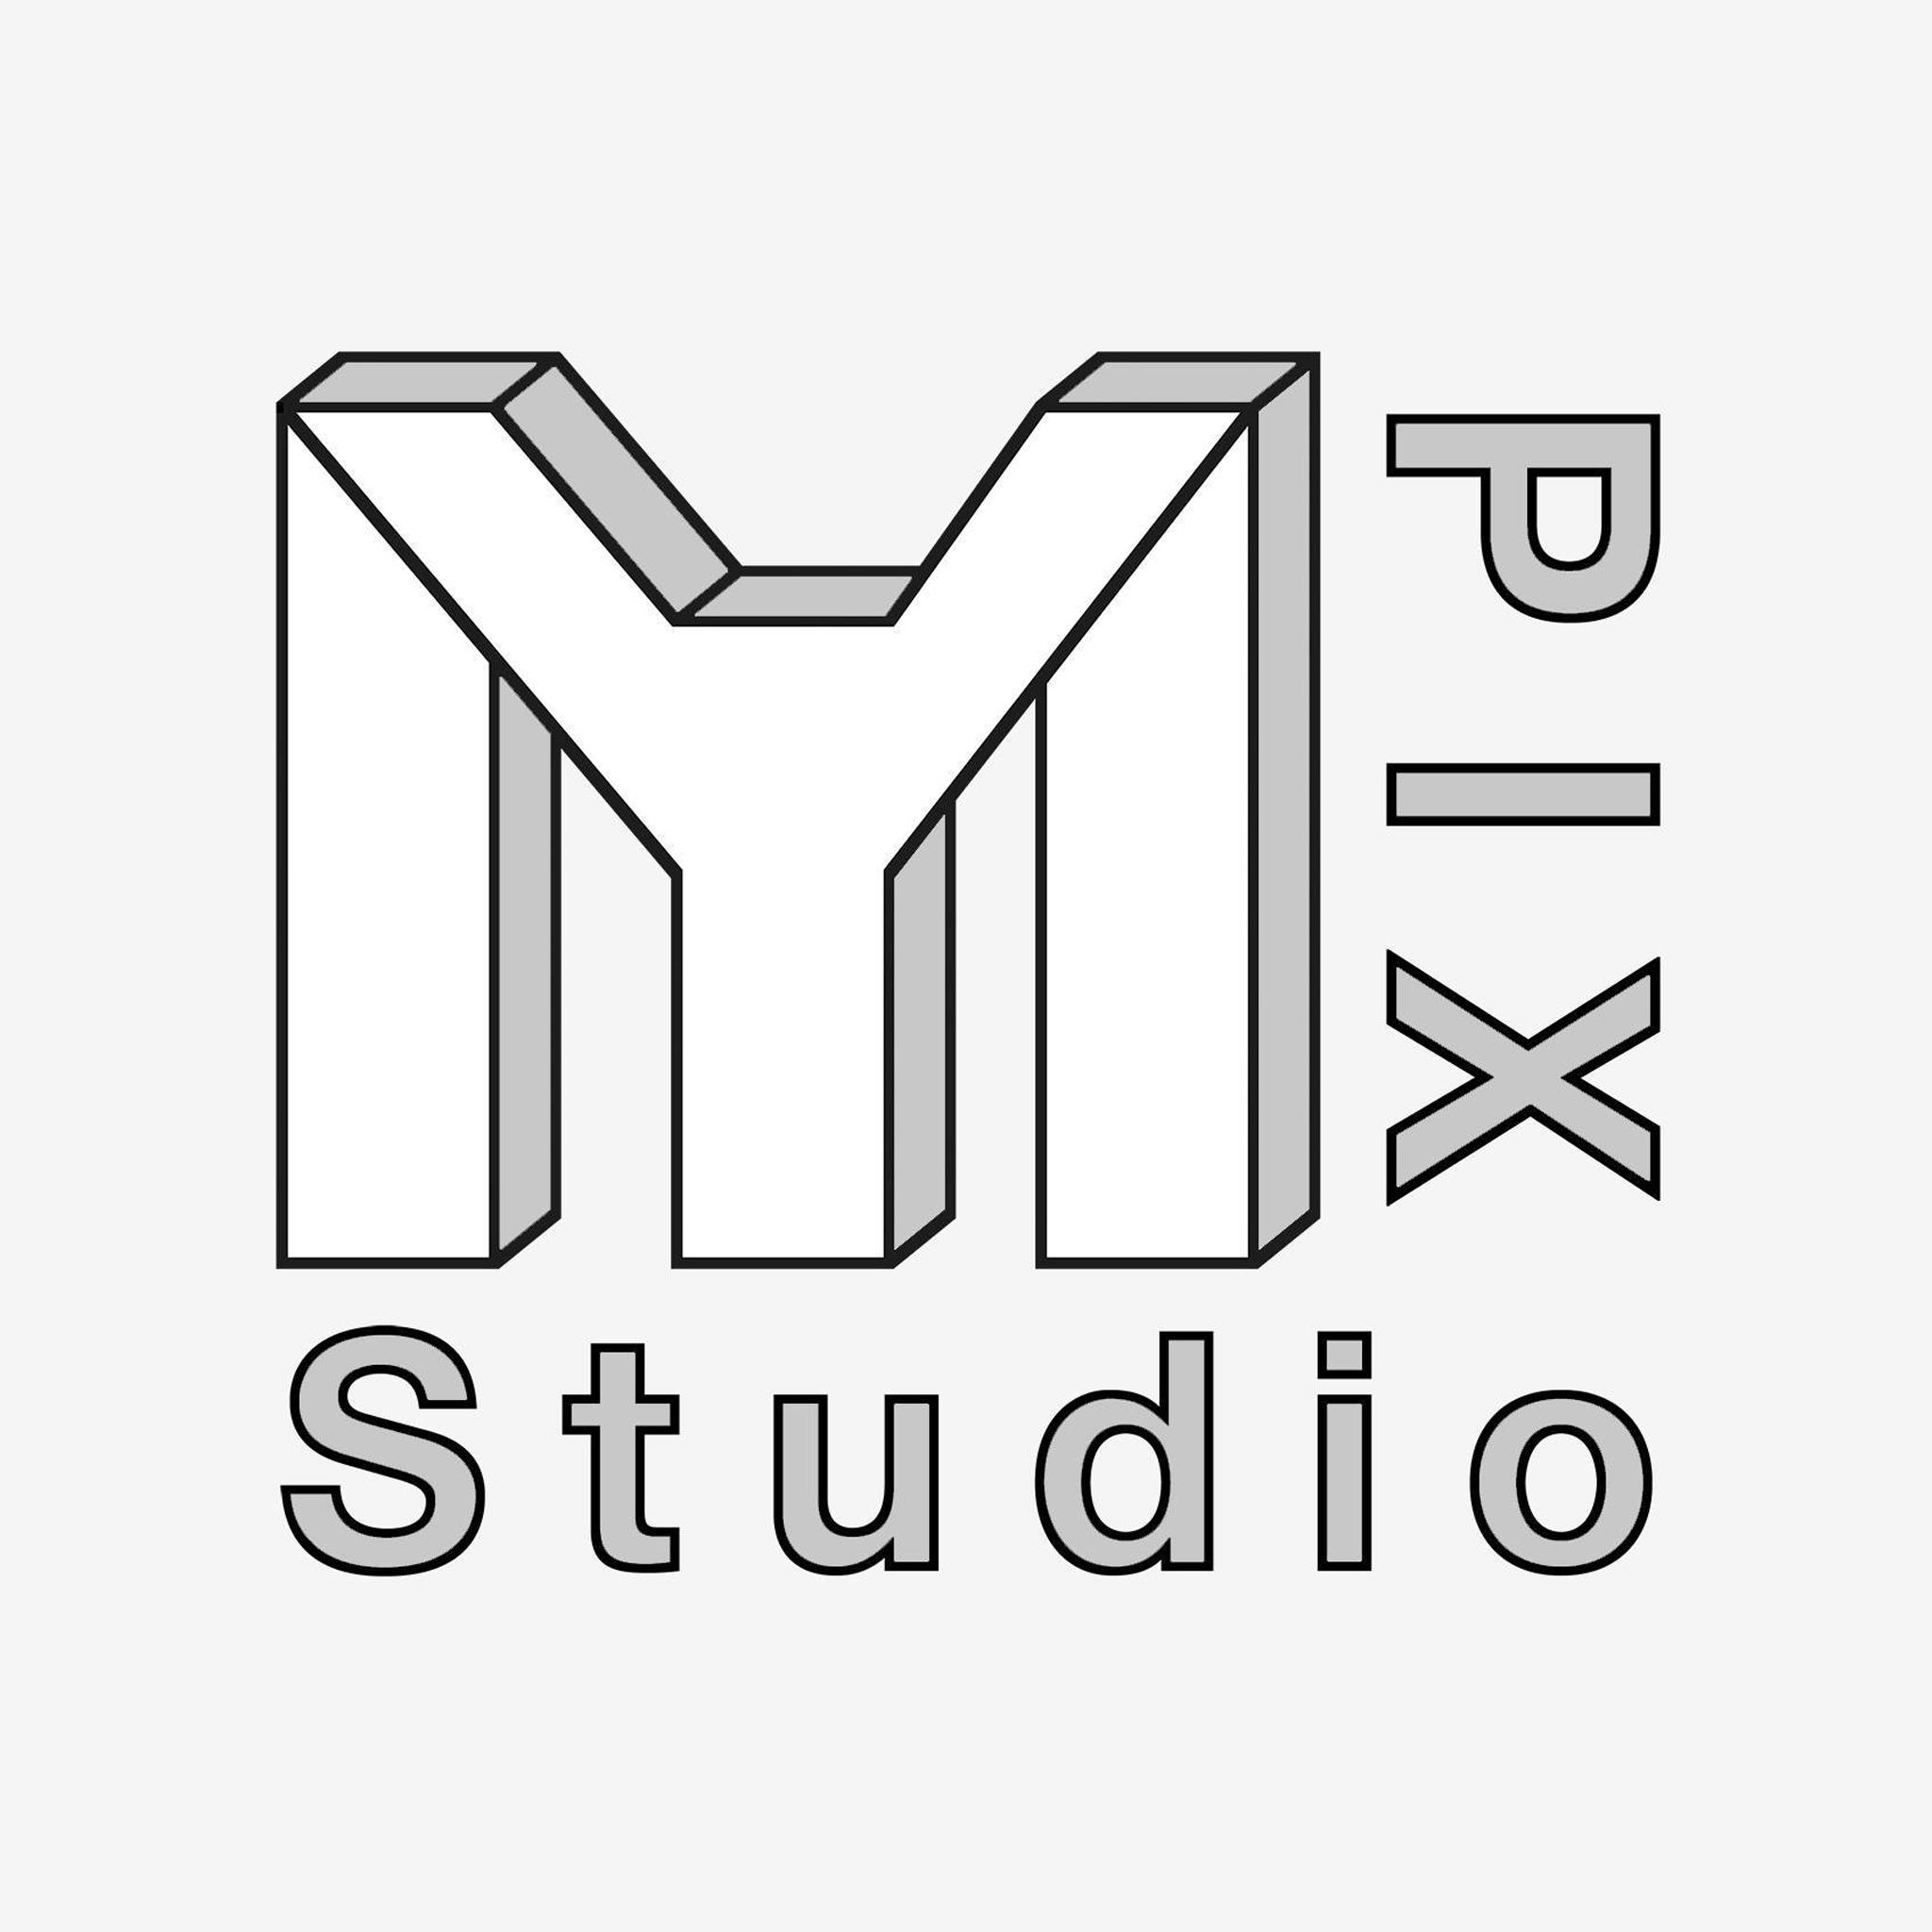 Mypix Studio